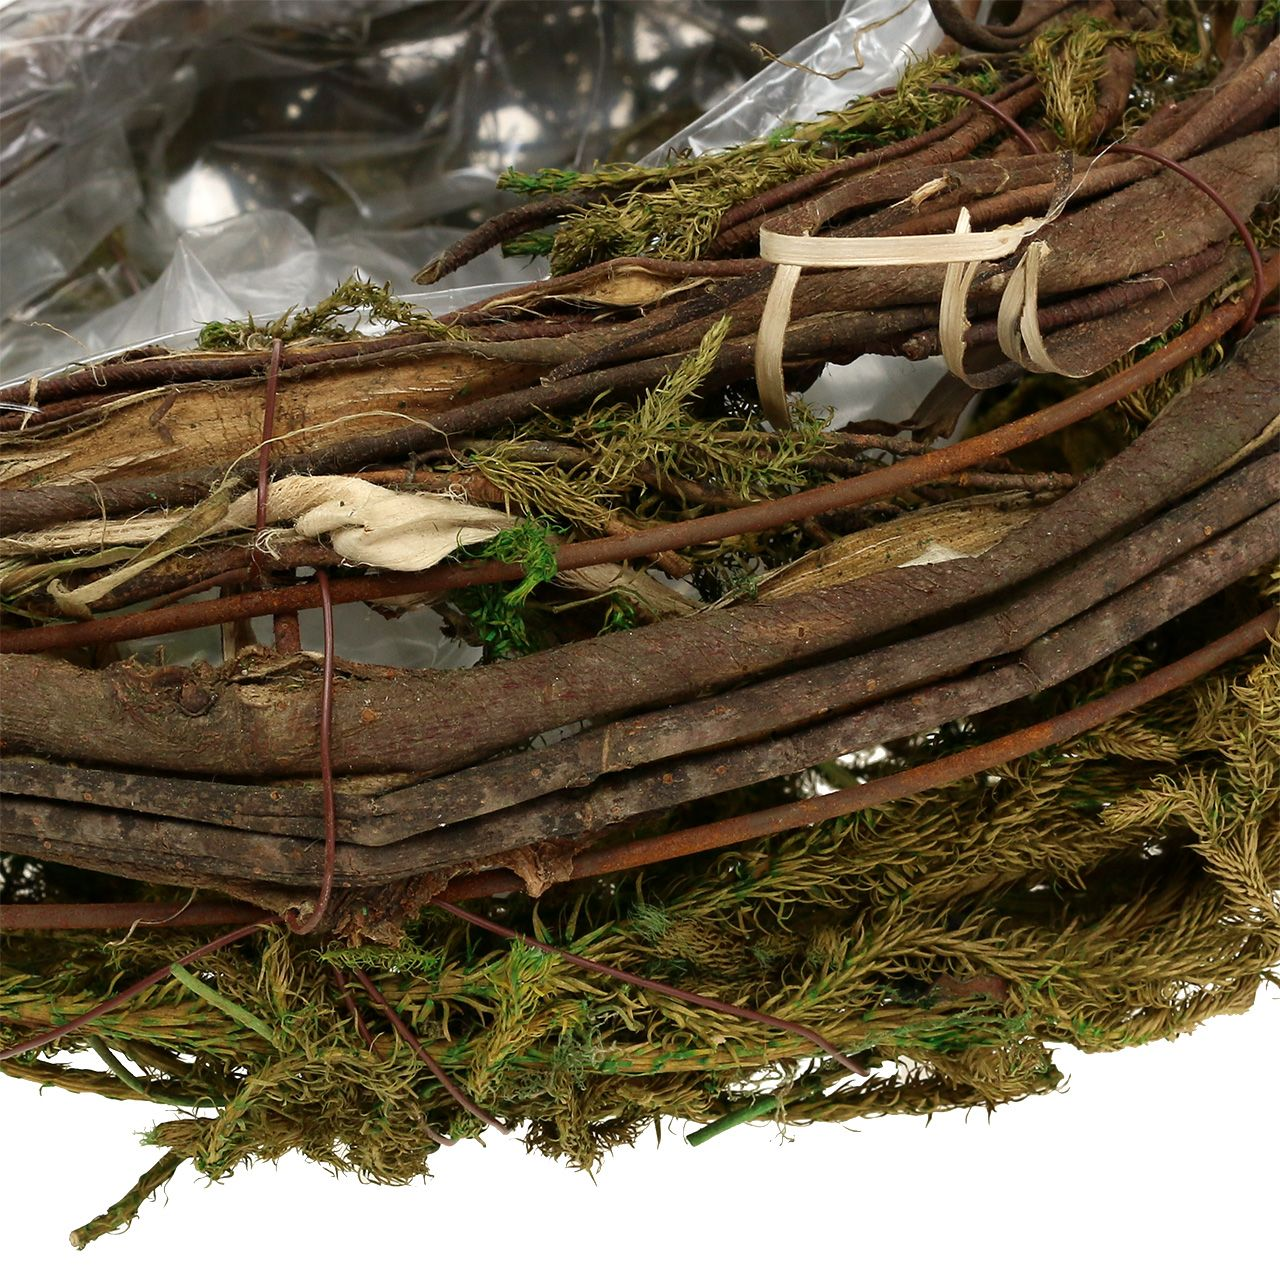 Jardinera de vides y musgo 35cm x 20cm